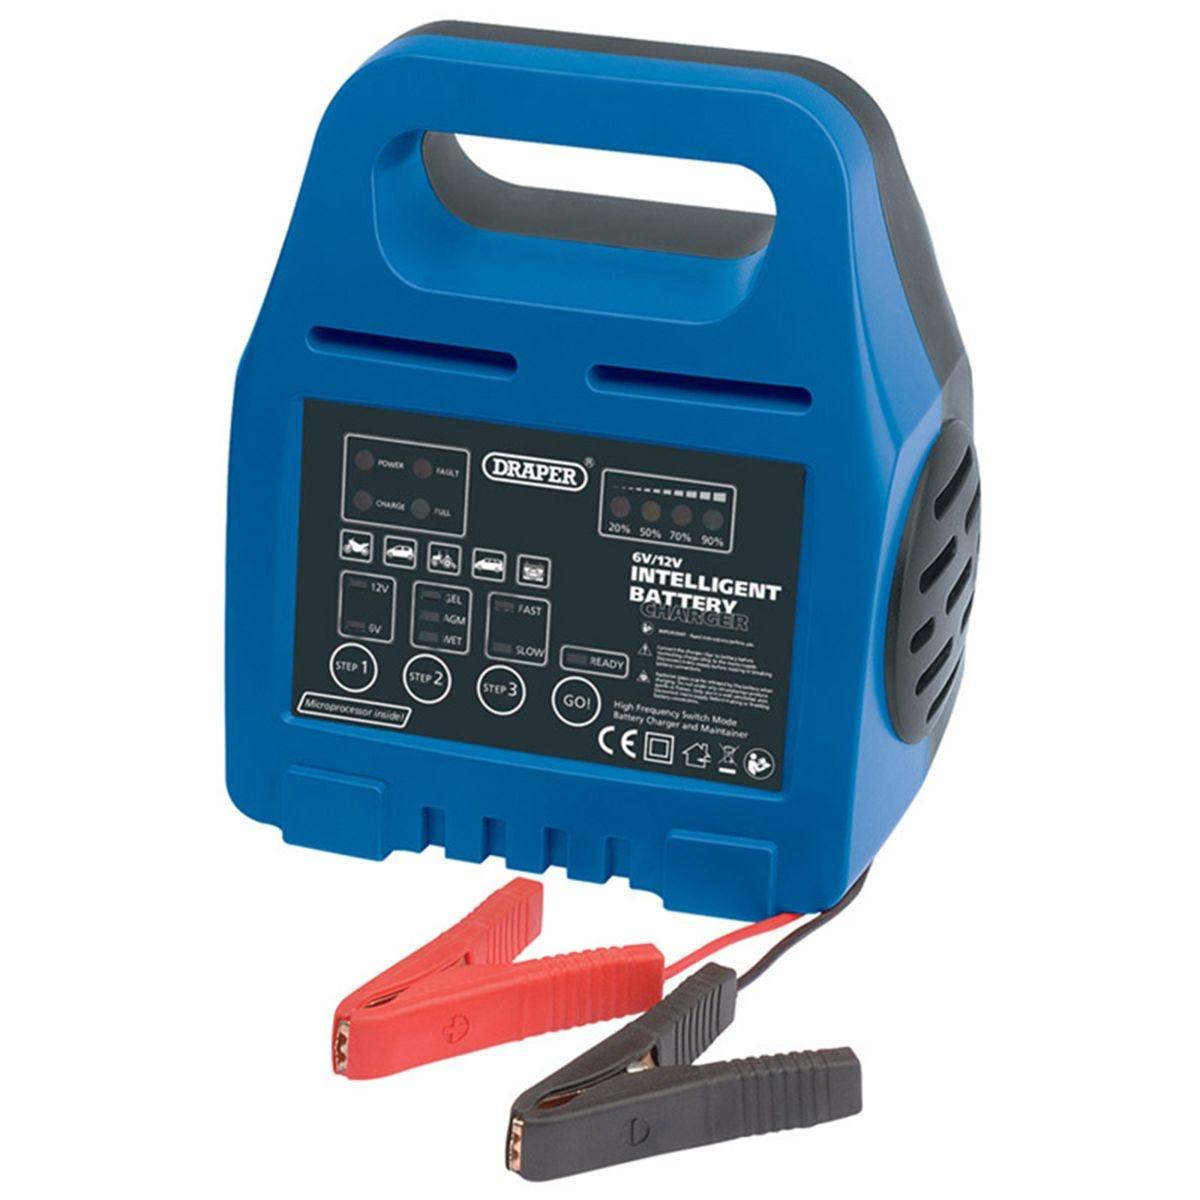 Draper 6/12V Intelligent Battery Charger